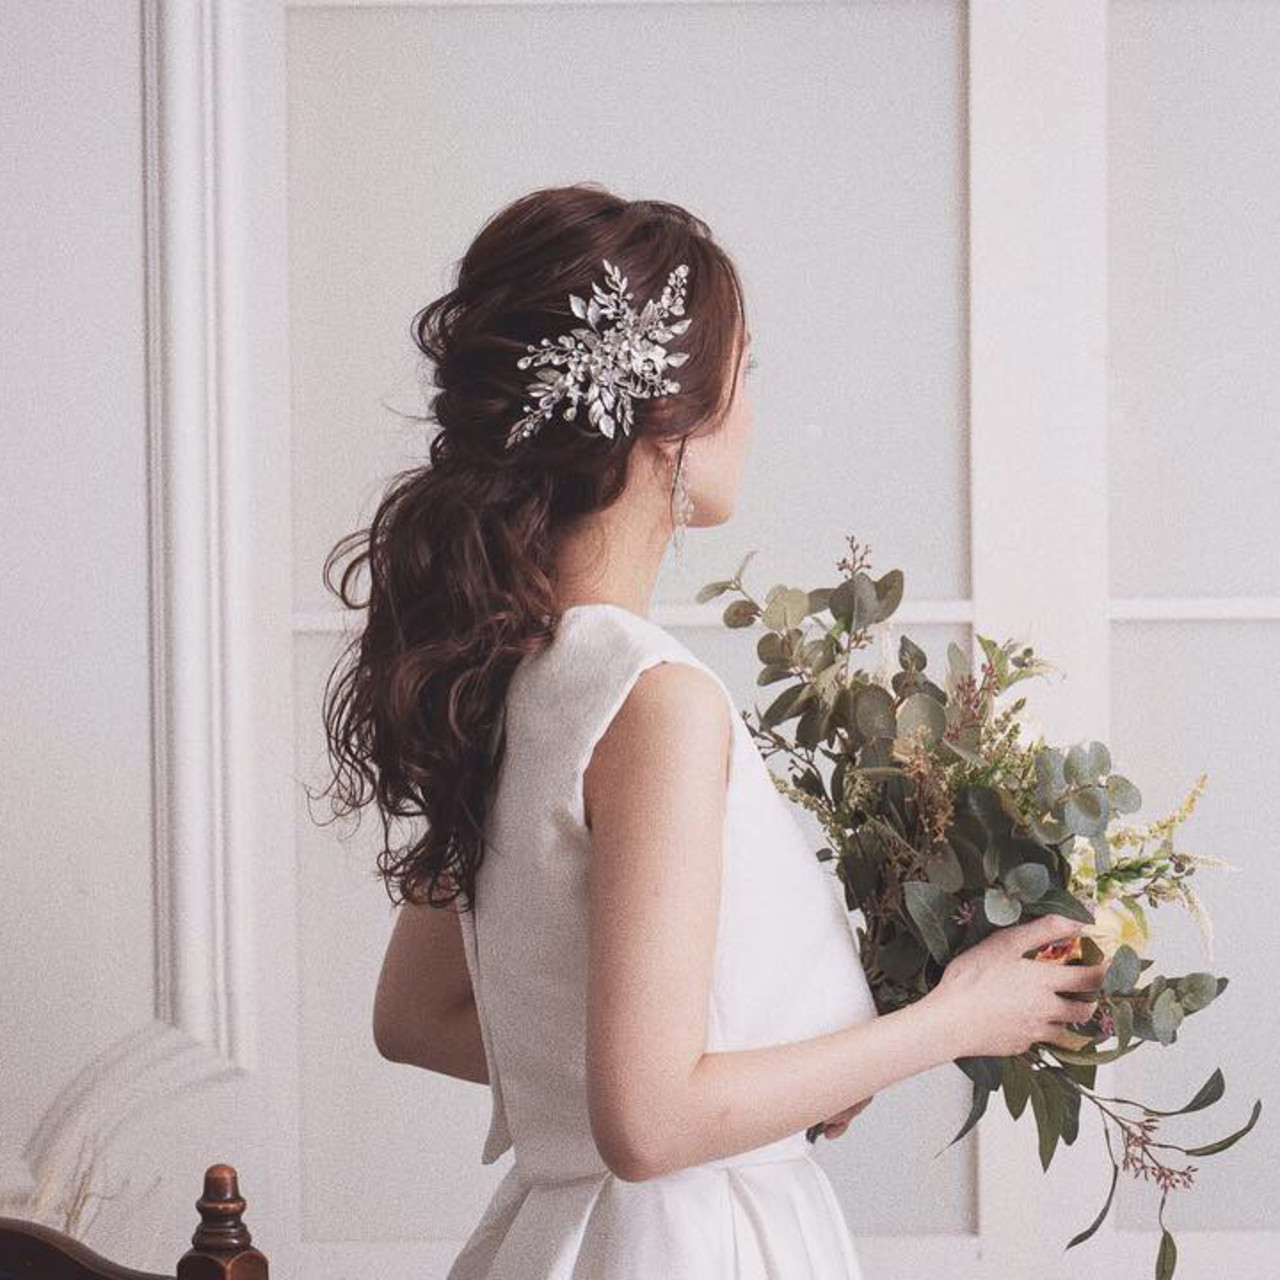 フェミニン ポニーテール 結婚式 花嫁 ヘアスタイルや髪型の写真・画像